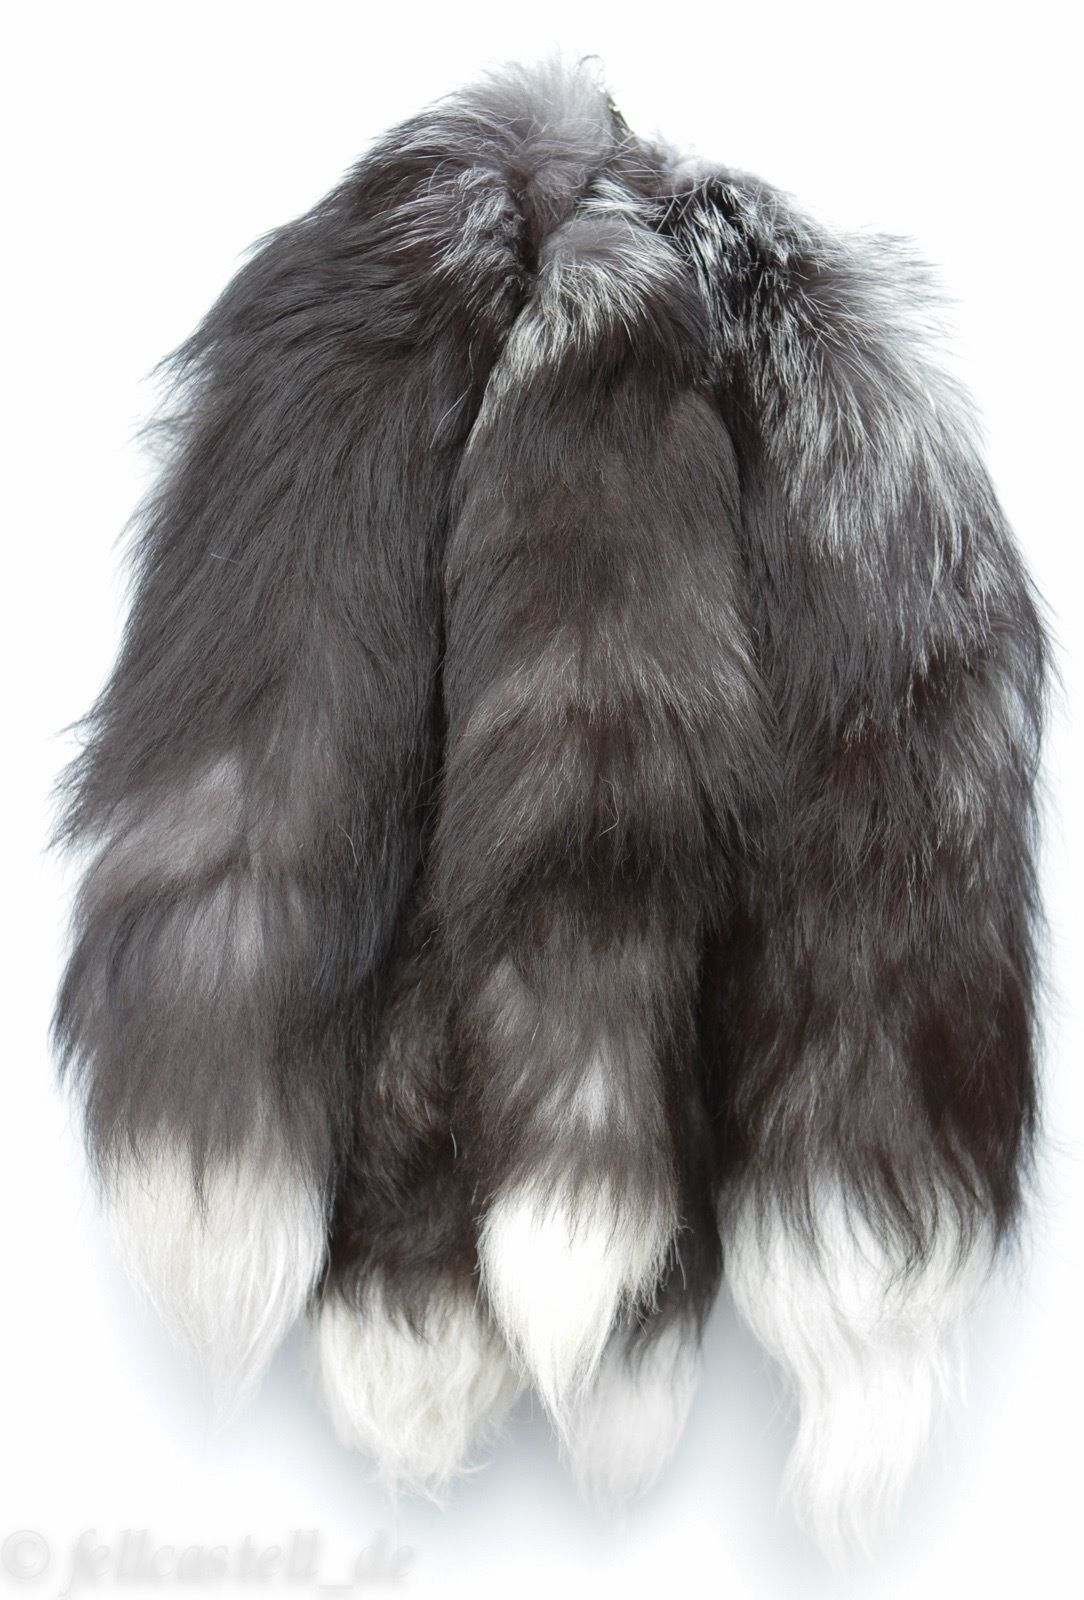 Silberfuchs Schweif Schwanz Rute Fuchsschwanz Fuchsschweif ca 45 cm mit Karabiner